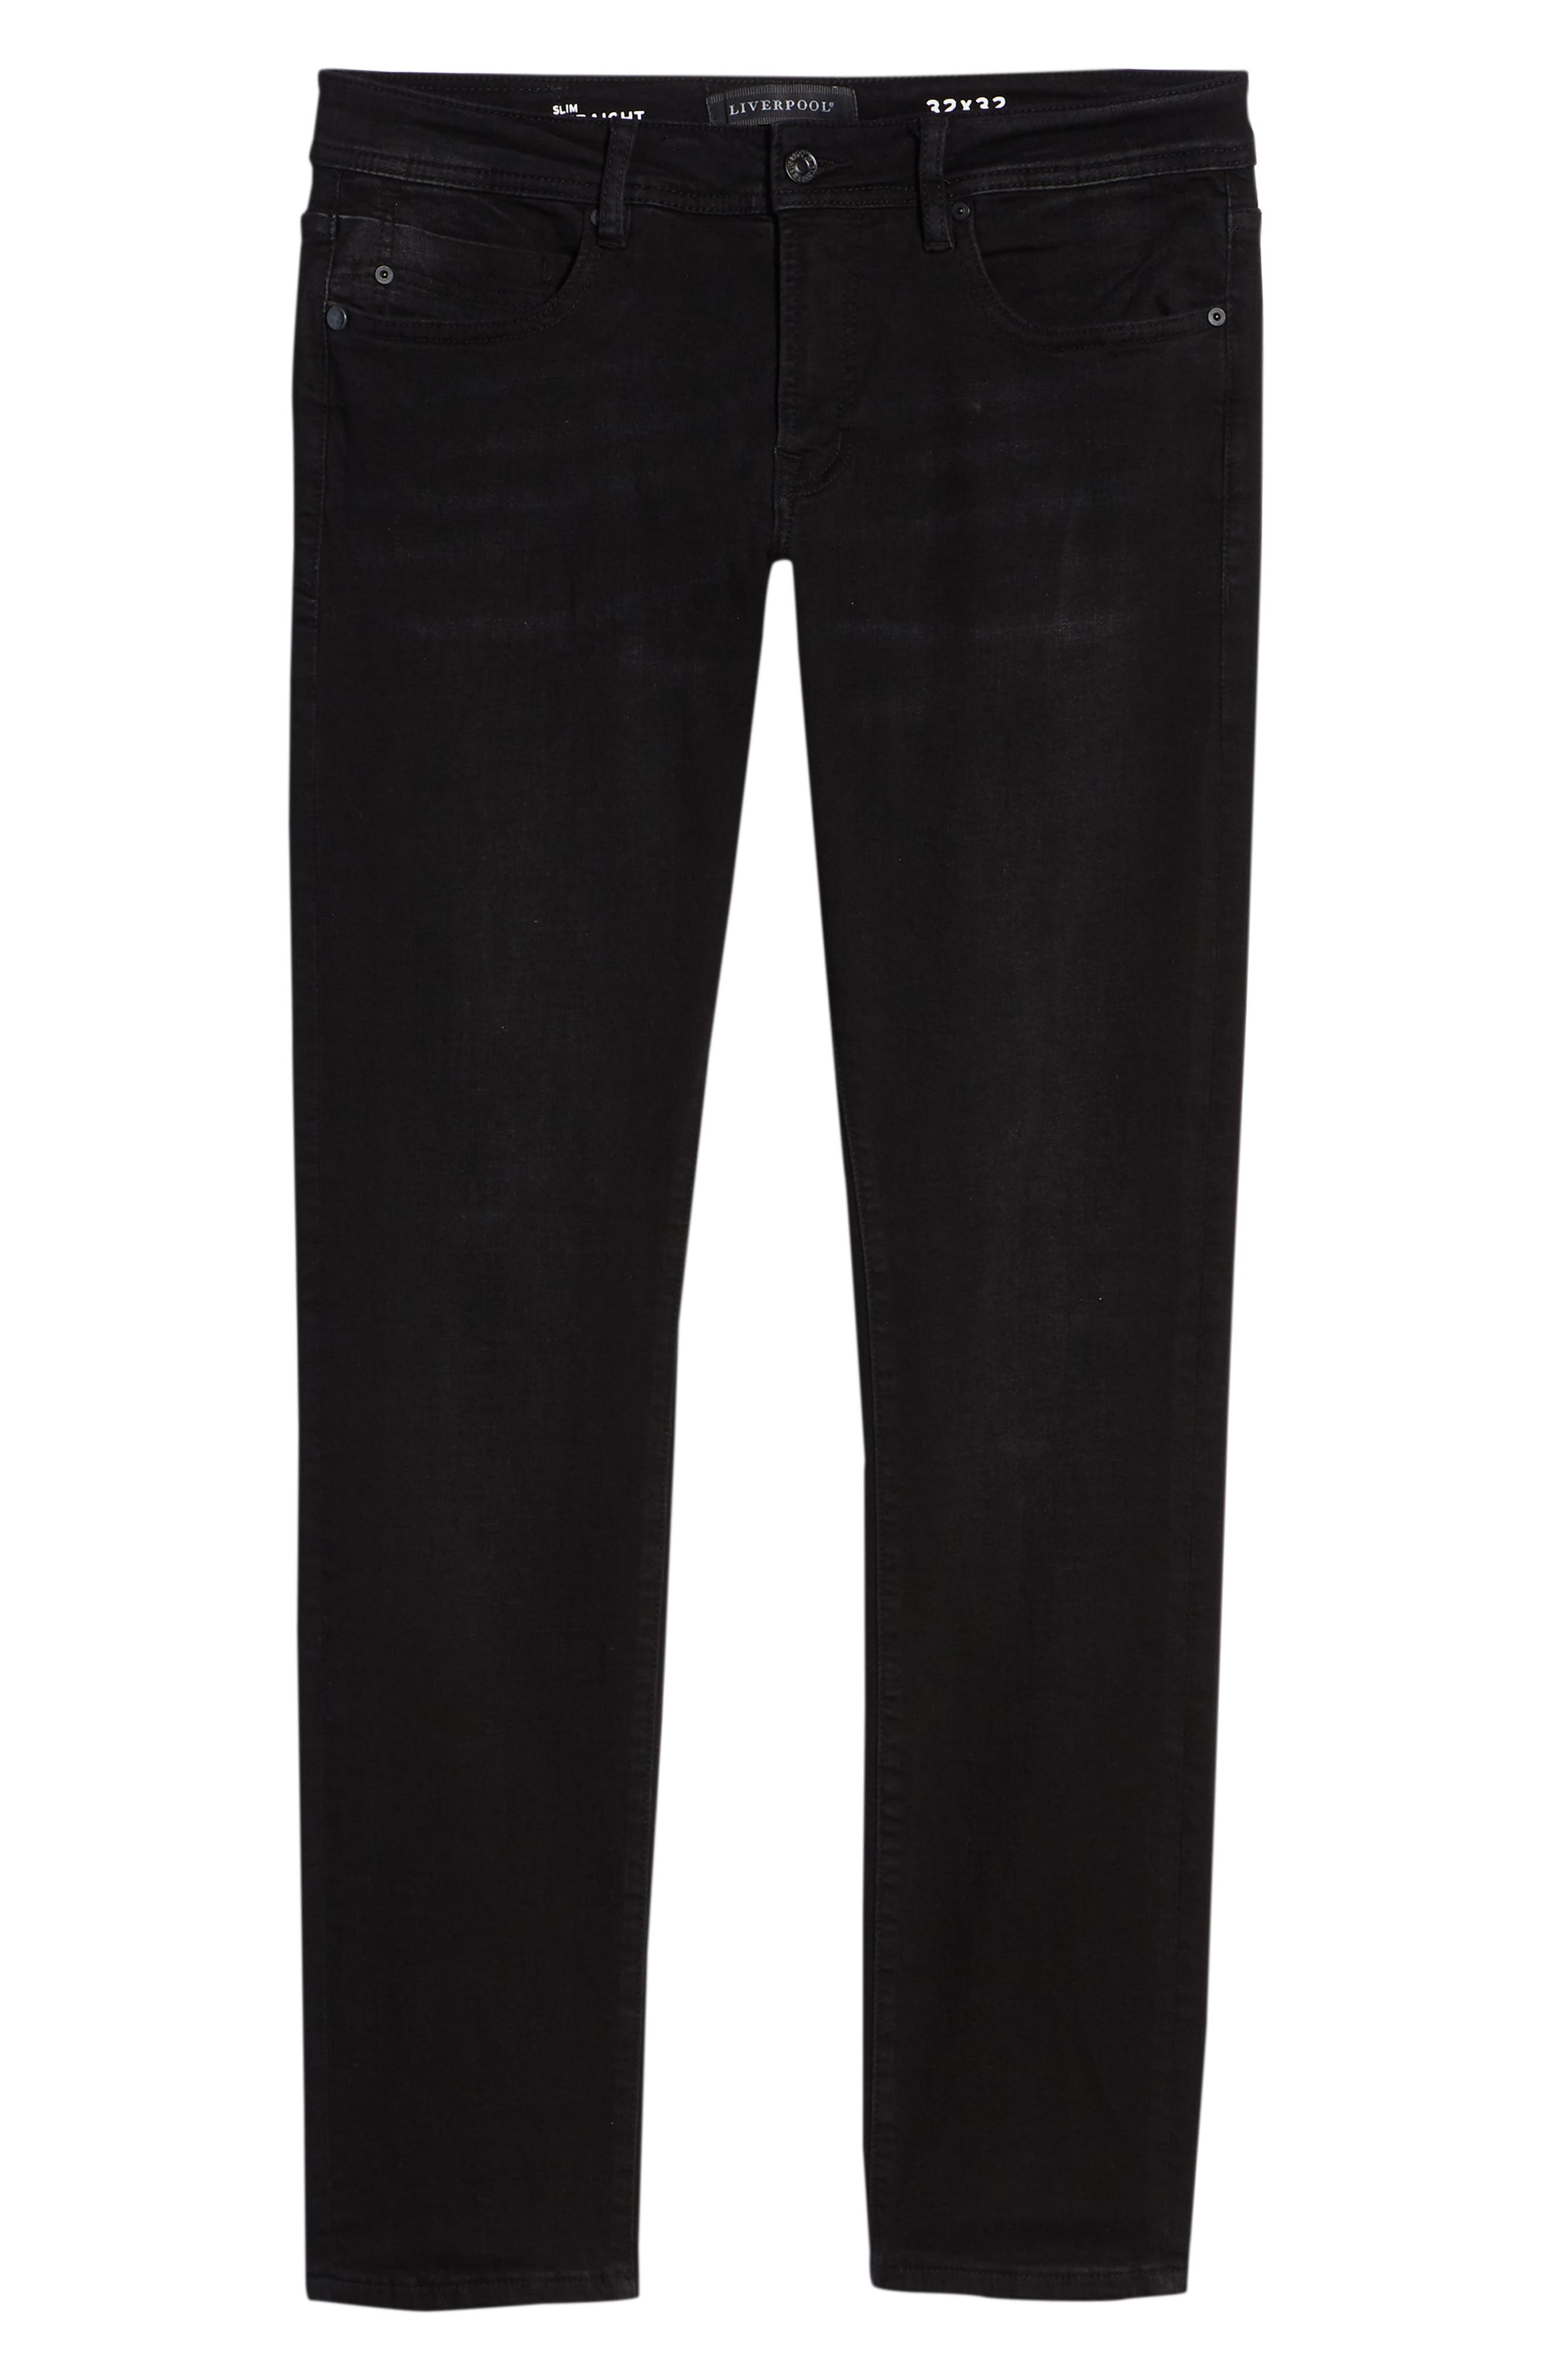 Kingston Slim Straight Leg Jeans,                             Alternate thumbnail 6, color,                             BULLET DARK